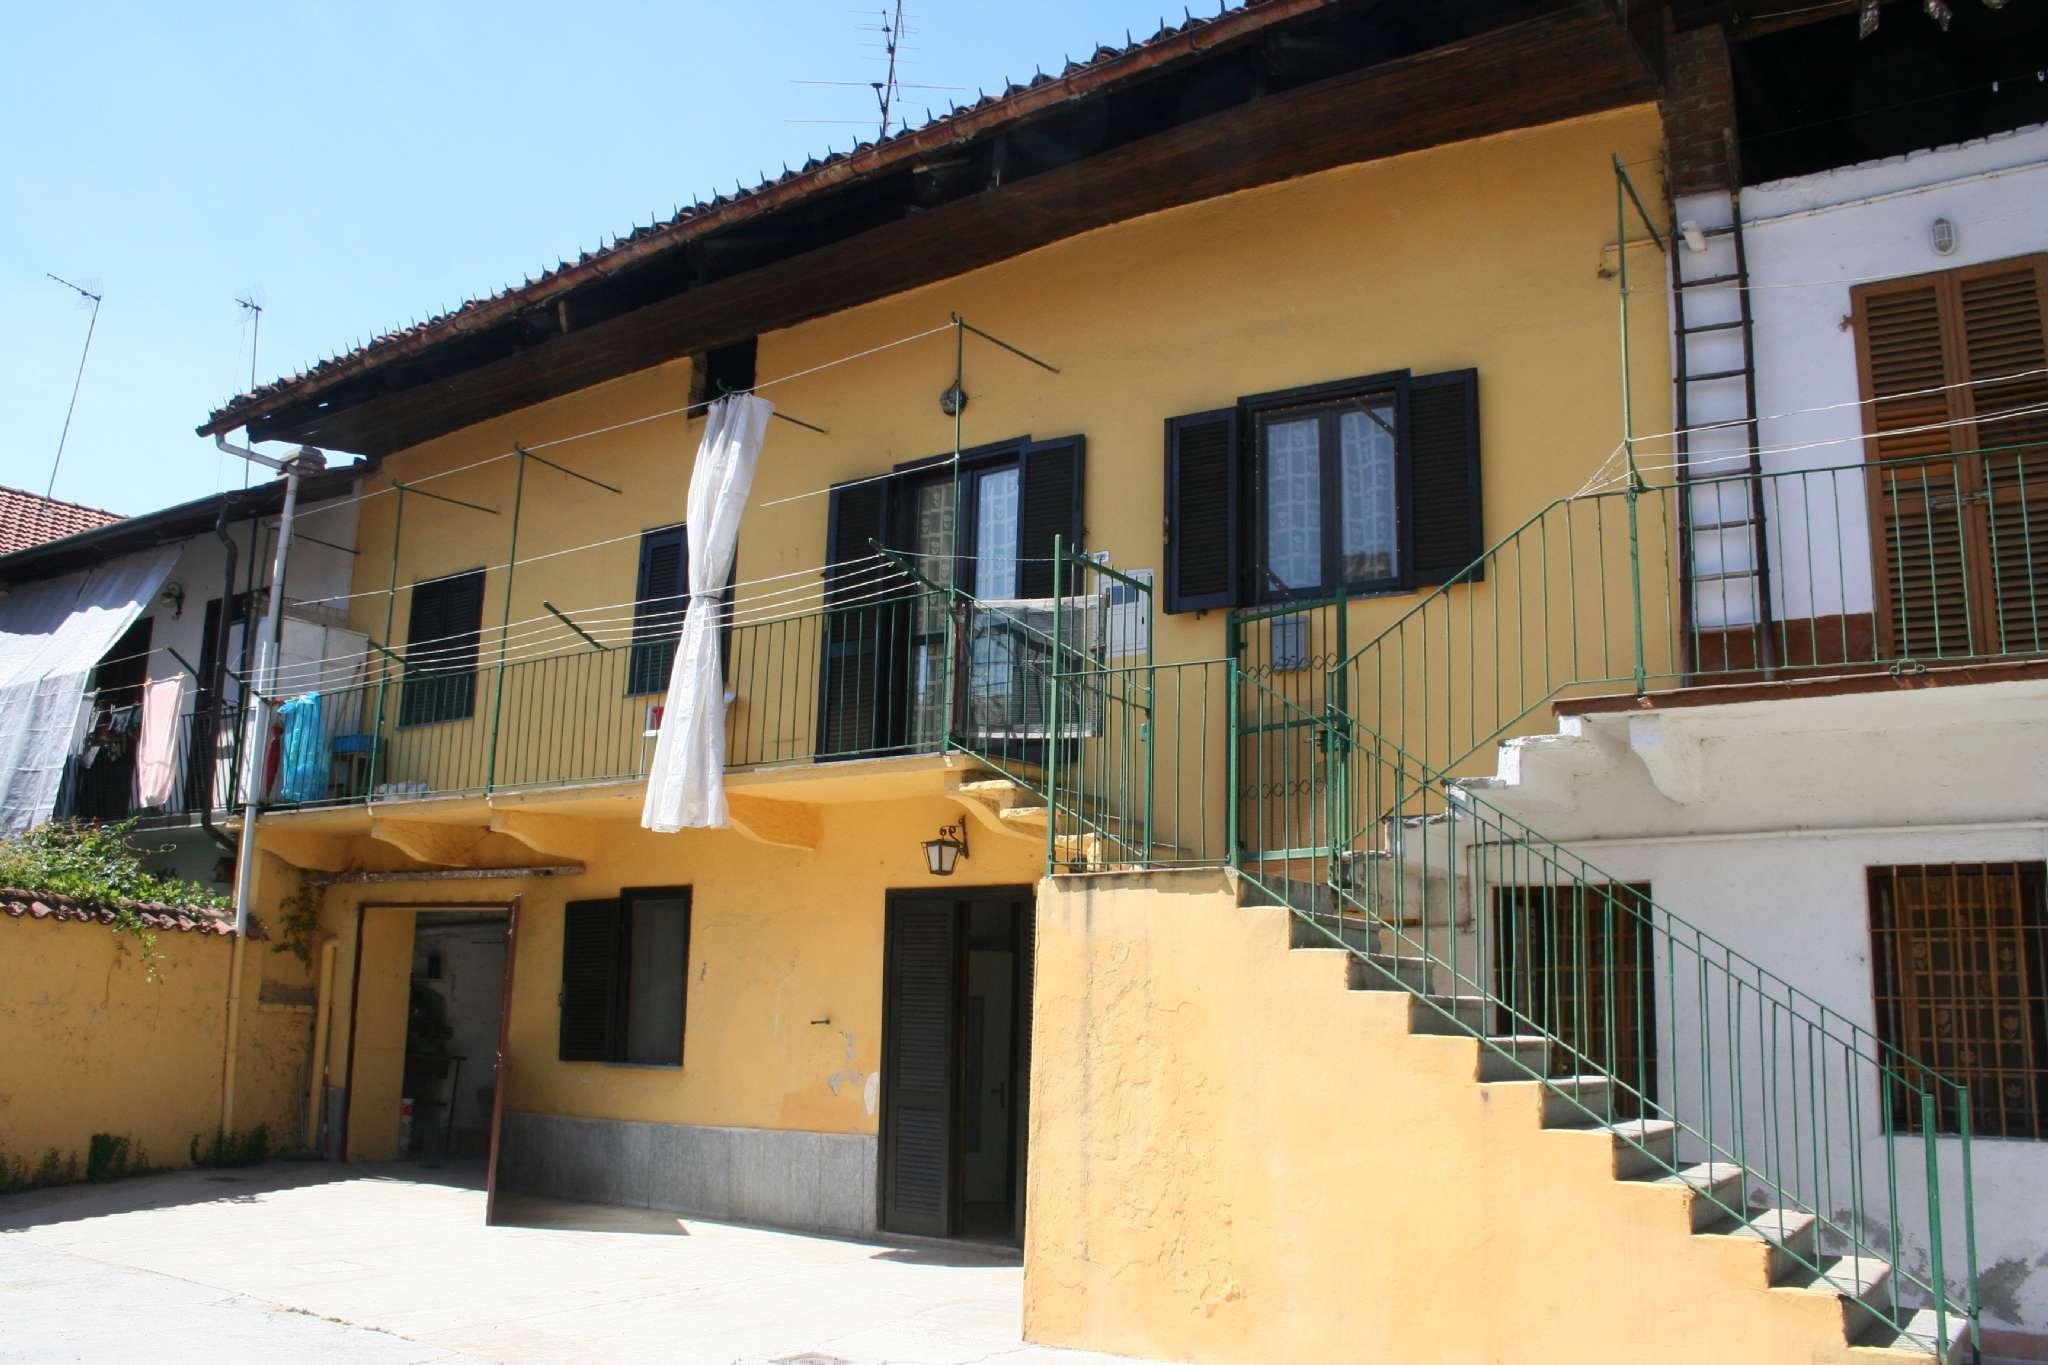 Soluzione Semindipendente in vendita a Caselle Torinese, 5 locali, prezzo € 105.000 | PortaleAgenzieImmobiliari.it